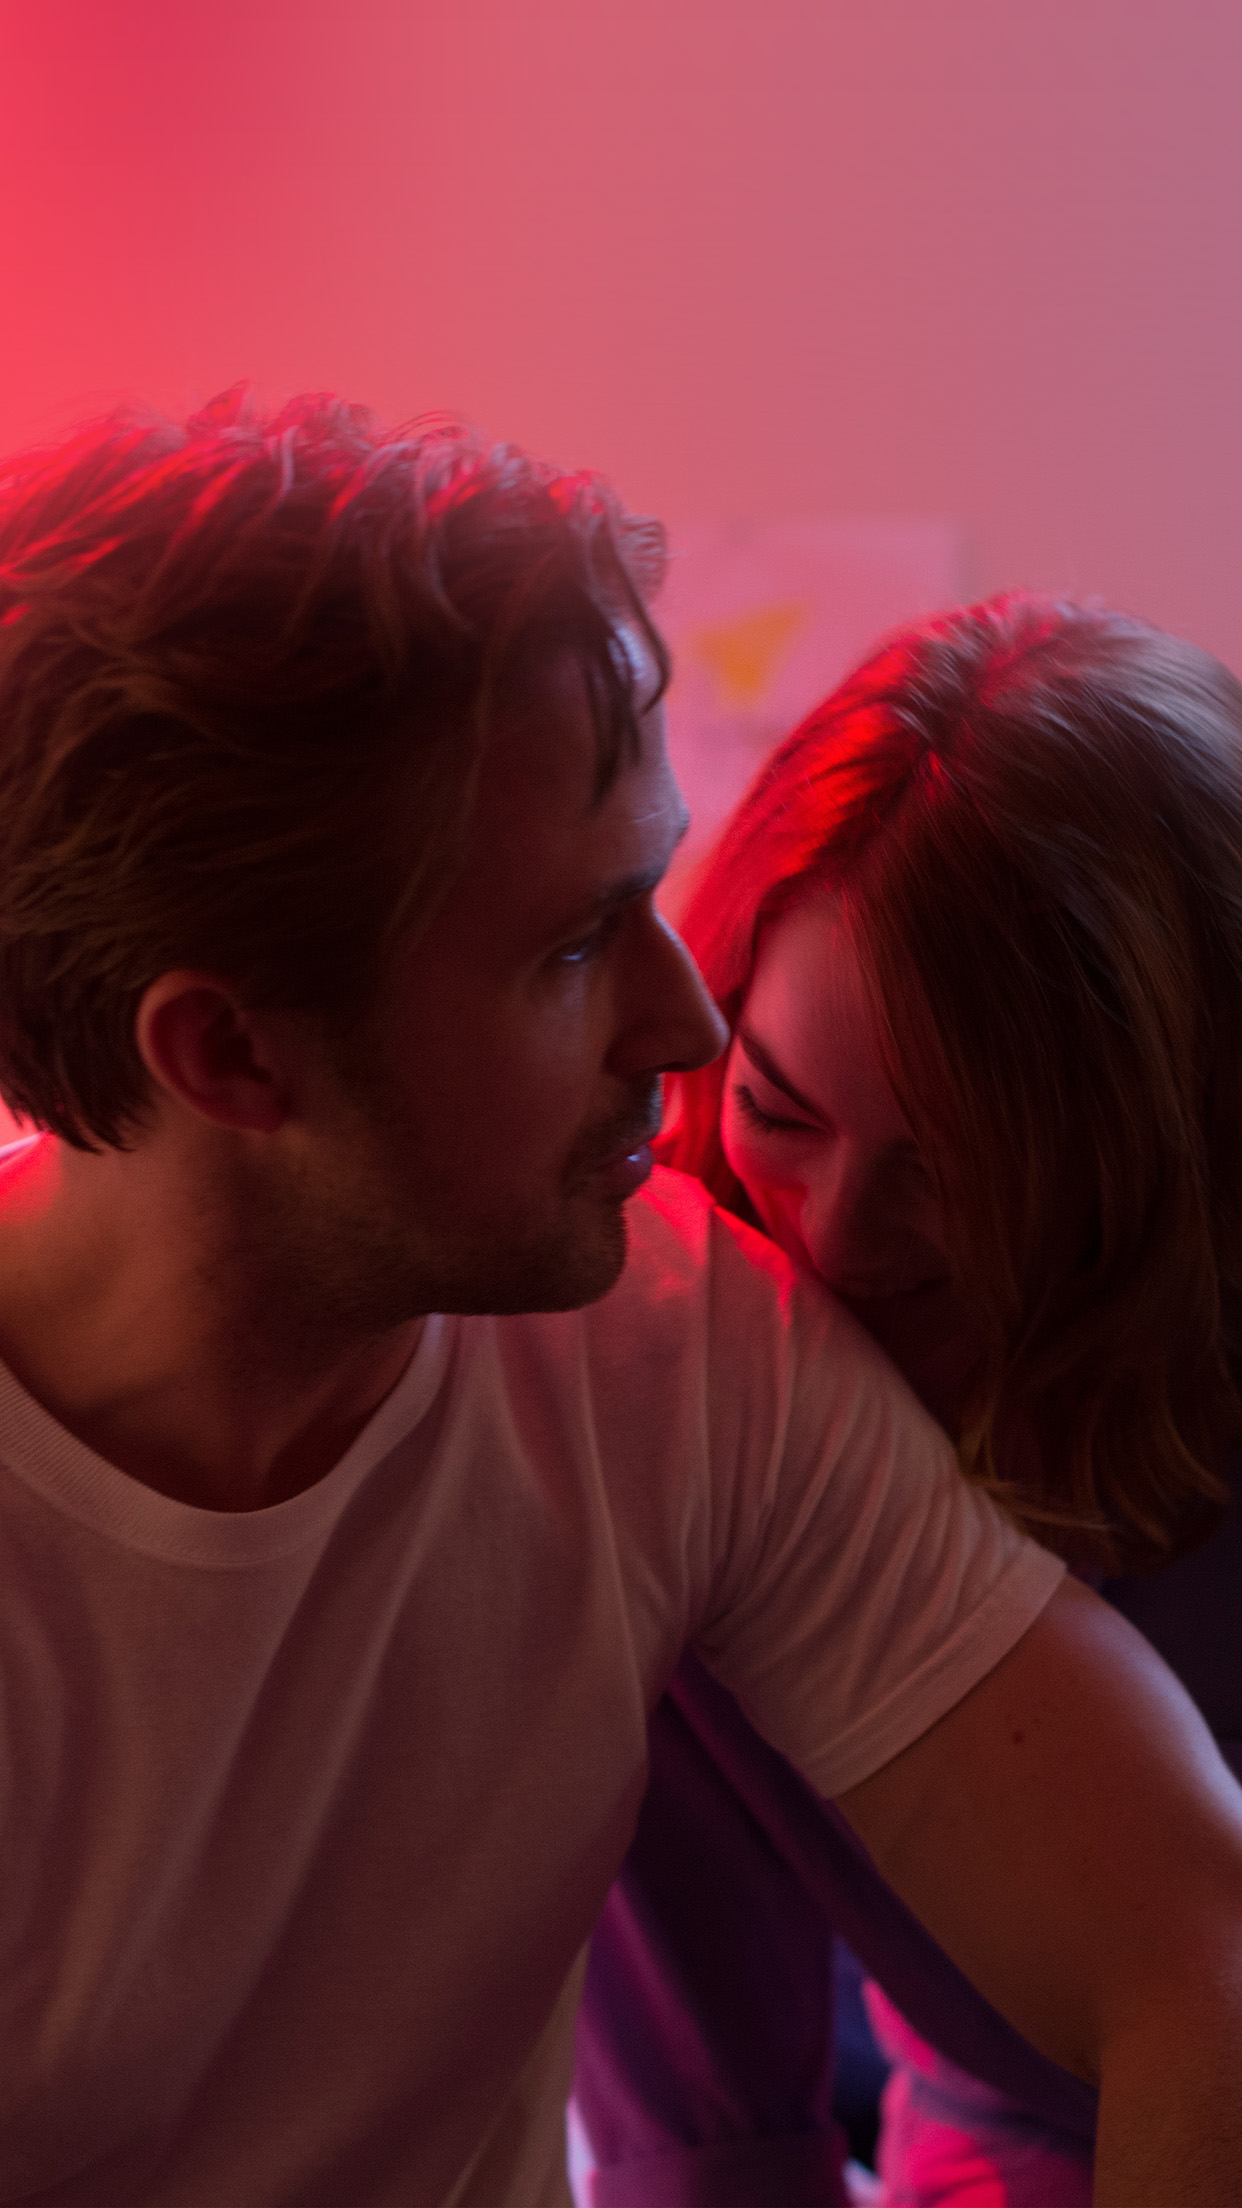 Baby So Cute Wallpaper Av62 Lalaland Ryan Gosling Emma Stone Red Film